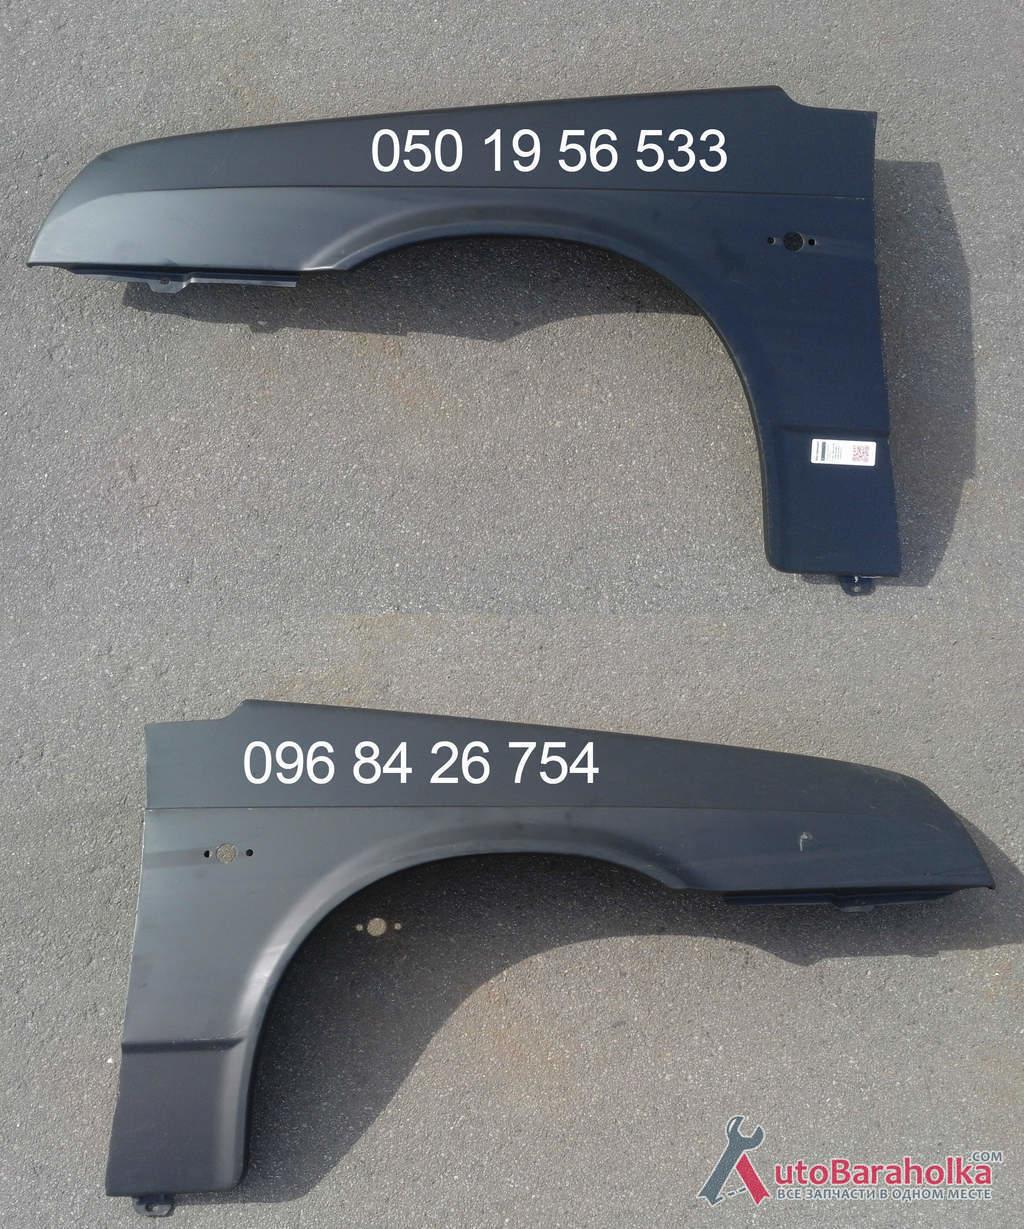 Продам Крыло переднее длинное ВАЗ 2108, 2109, 21099 (Правое Левое). ЦЕНА ЗА ШТУКУ Харьков